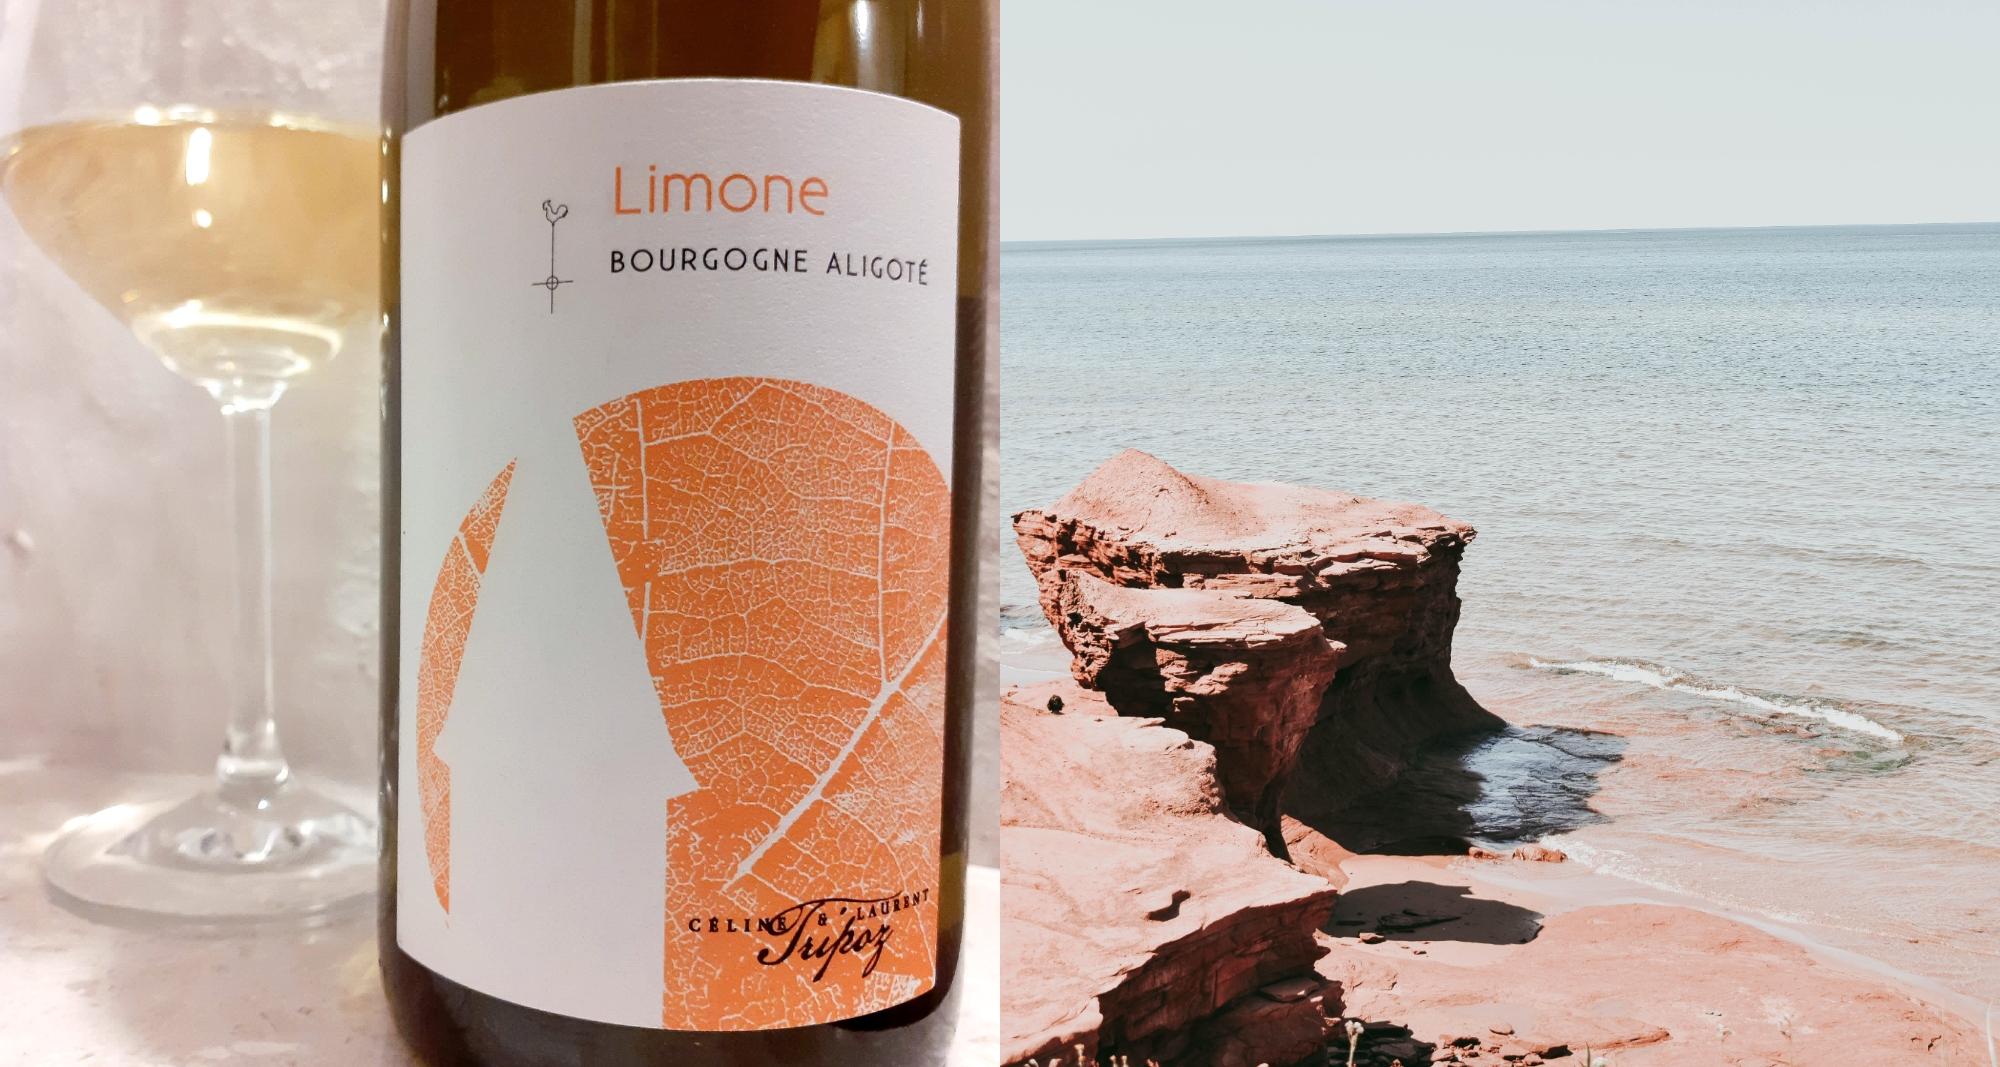 Domaine Céline & Laurent Tripoz Limone Bourgogne Aligoté 2018